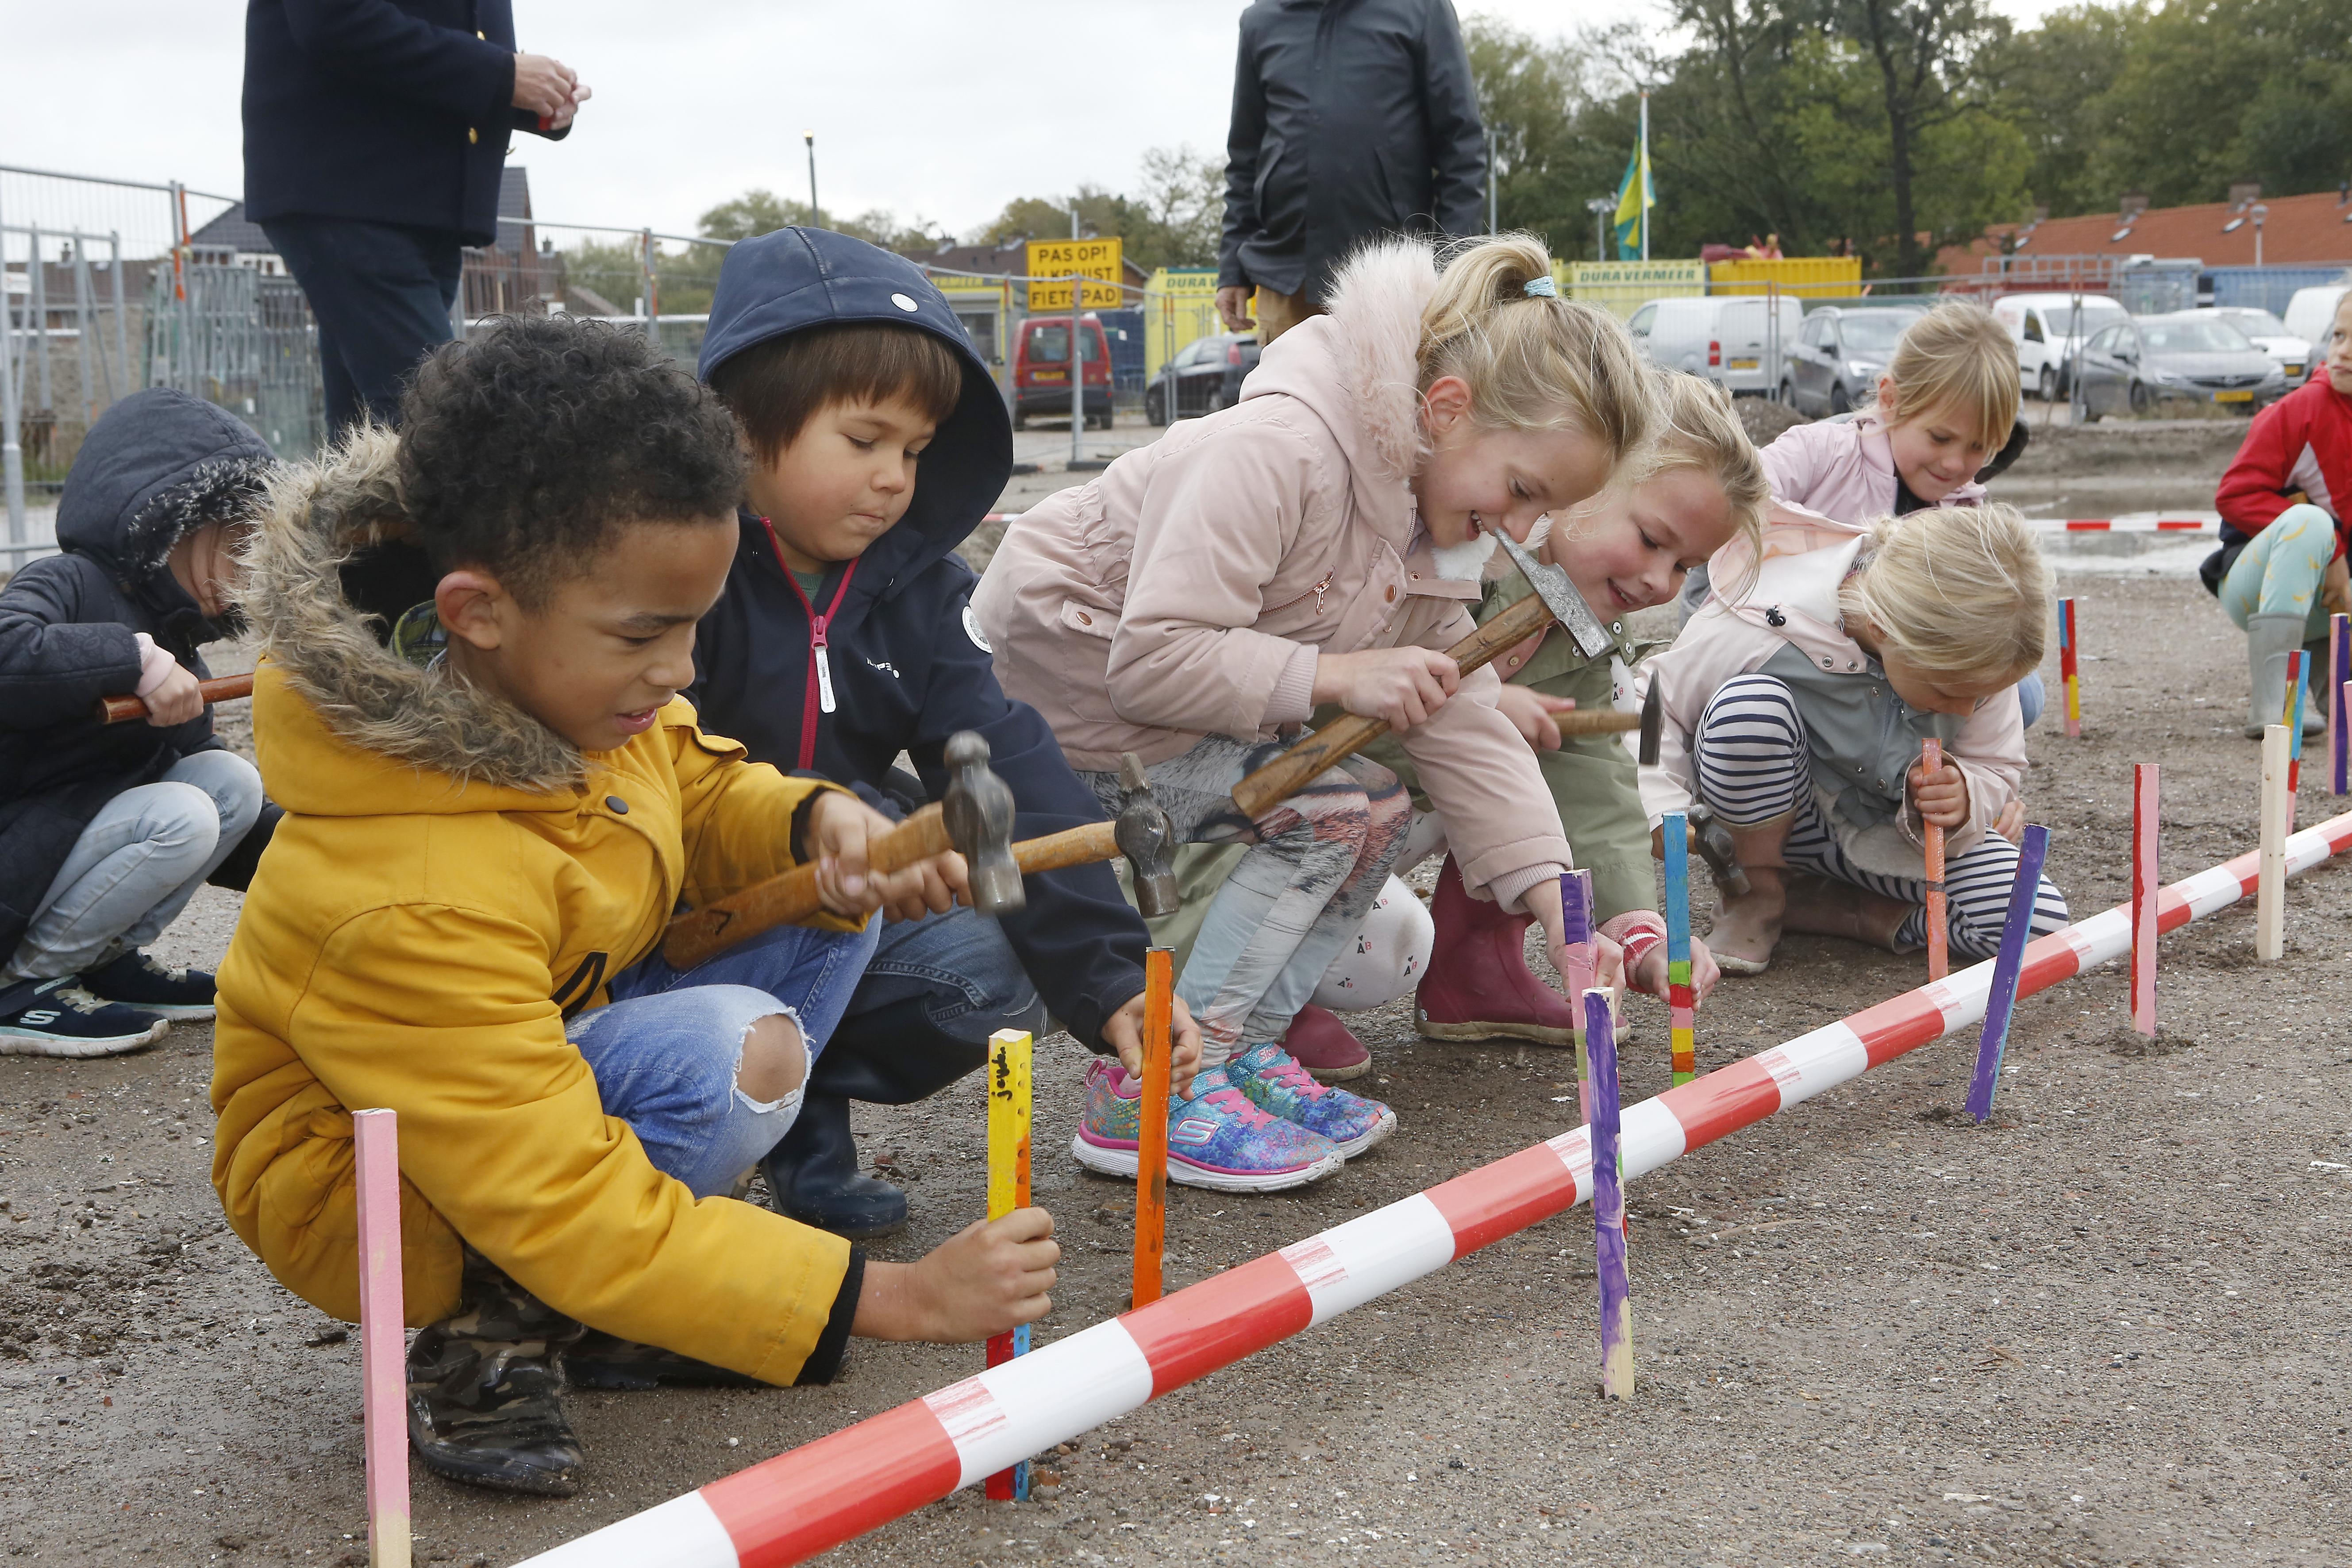 Leerlingen PC Hooftschool uit Muiden timmeren met plezier de piketpaaltjes voor hun nieuwe schoolgebouw de grond in; IKC Muiderkring moet begin 2022 de deuren openen